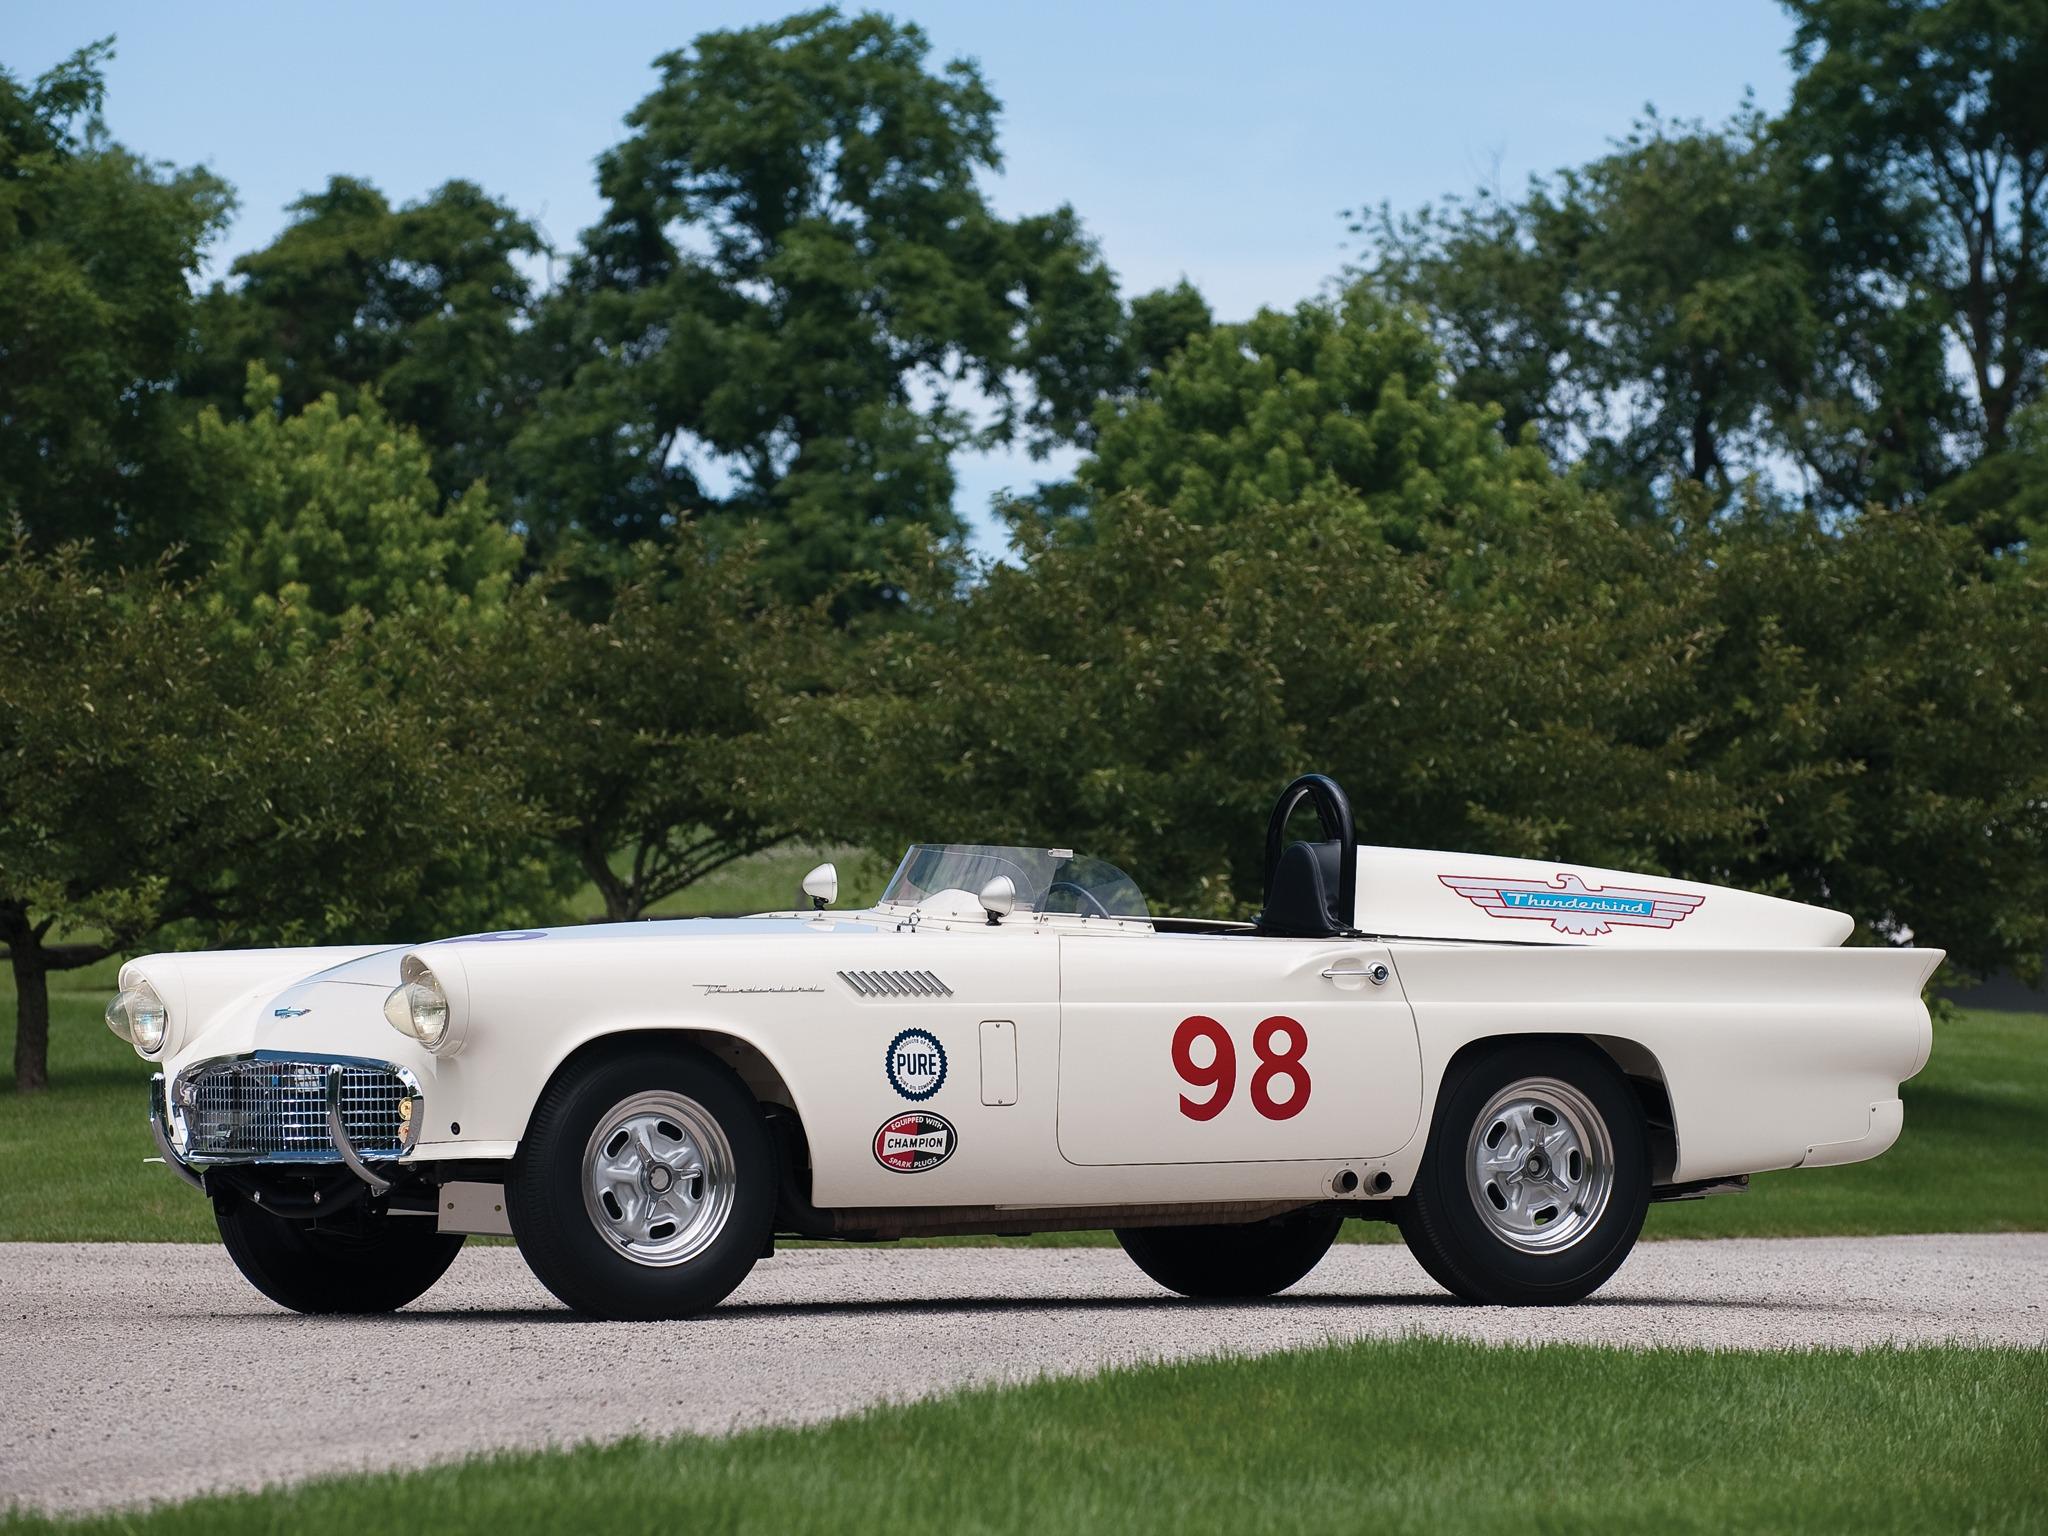 Ford Thunderbird Experimental Race Car (1957) – Old Concept Cars